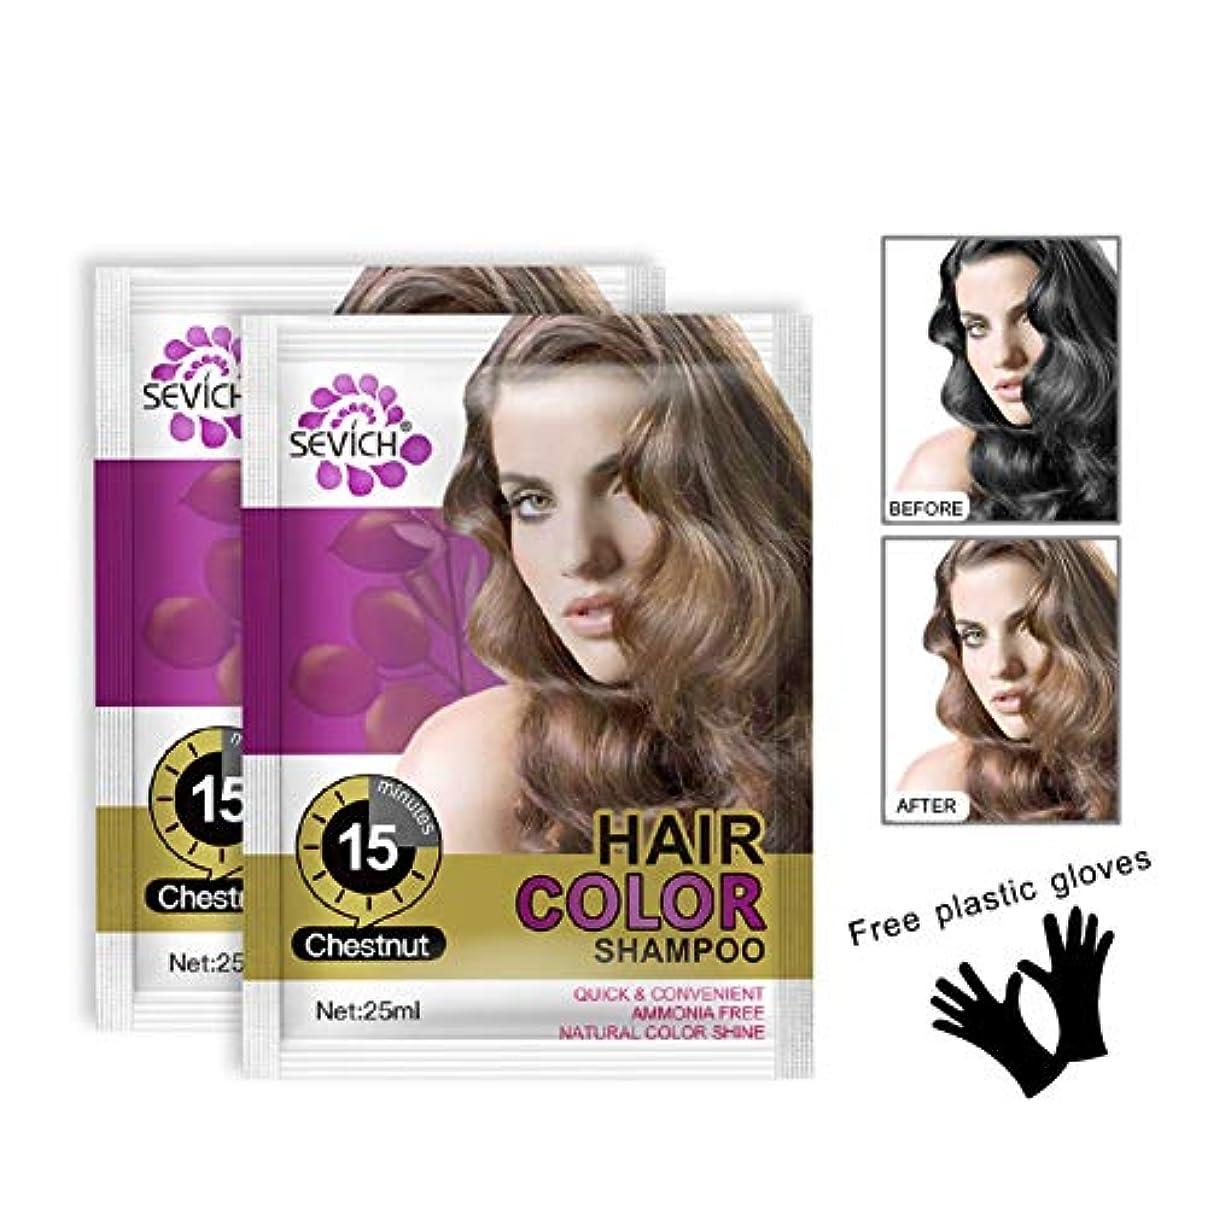 プレゼン考古学者慣性ヘアカラー ヘア染め ヘアカラースタイリング 髪の色のシャンプ ヘアシャンプー 純粋な植物 自然 刺激ない ヘアケア 10枚セット Cutelove